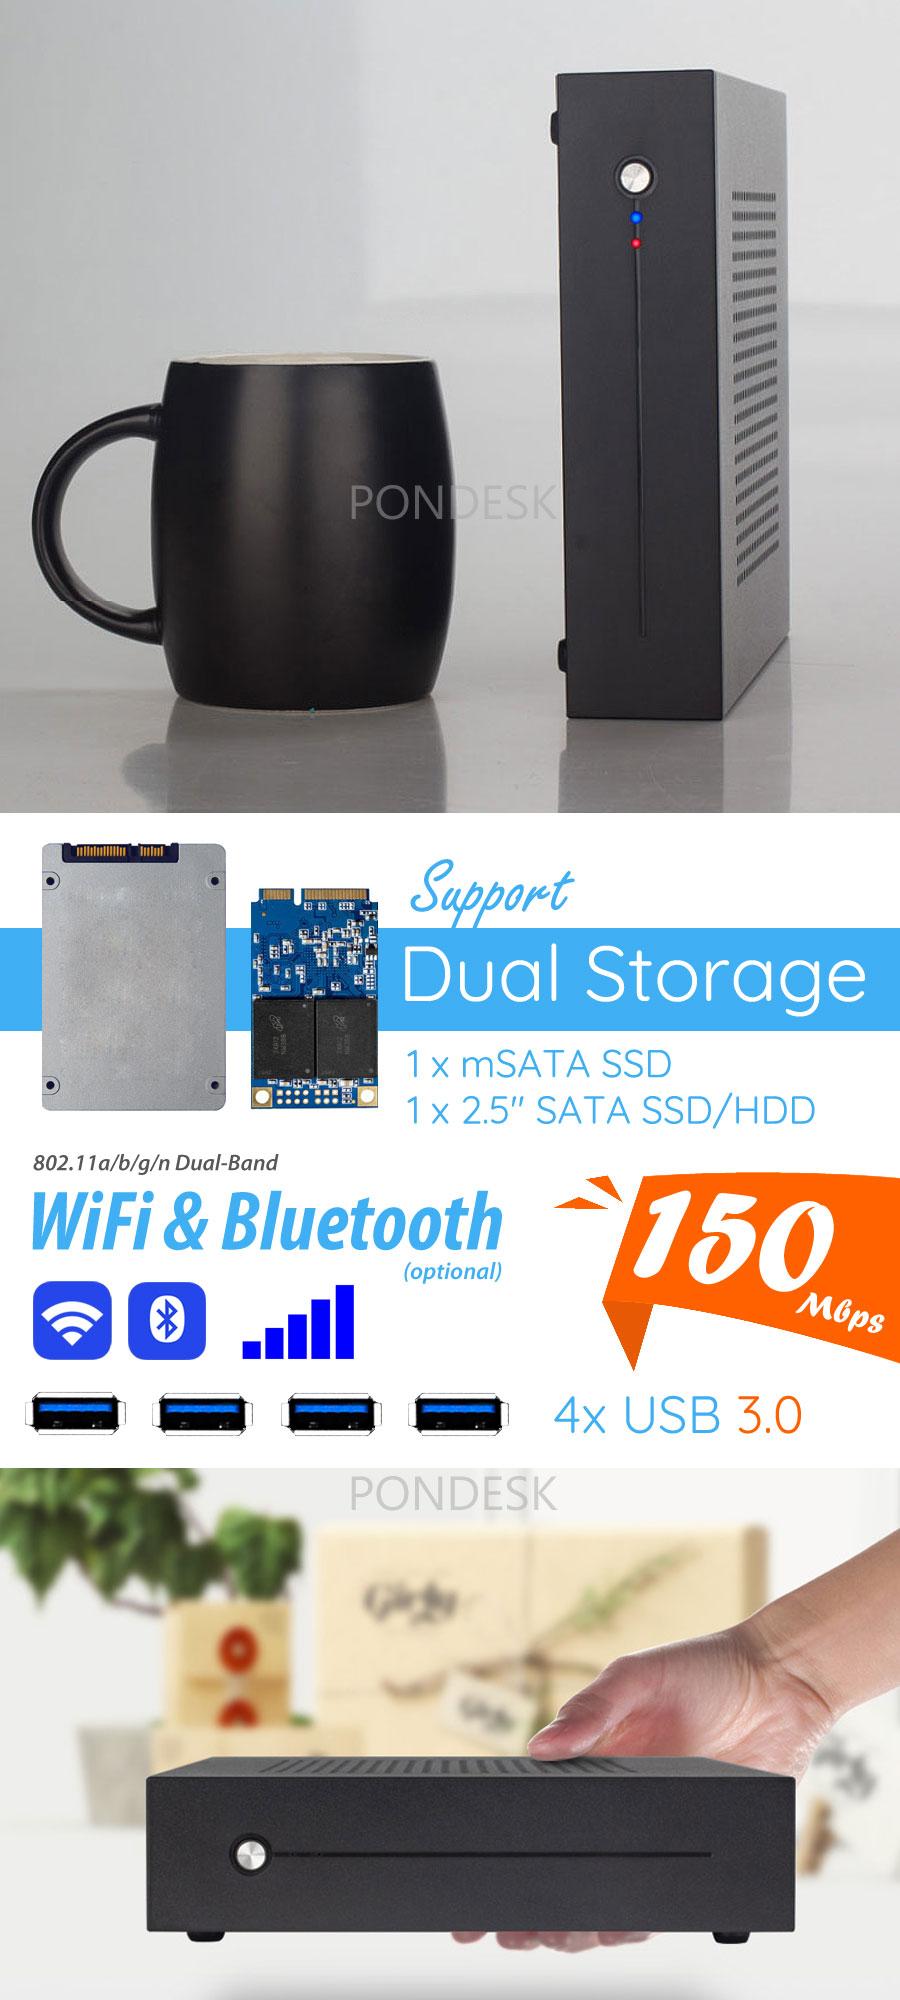 7th Gen. Intel® Core™ i7-7700T Kaby Lake 3.8GHz HD Mini PC - MNHO-055   Image